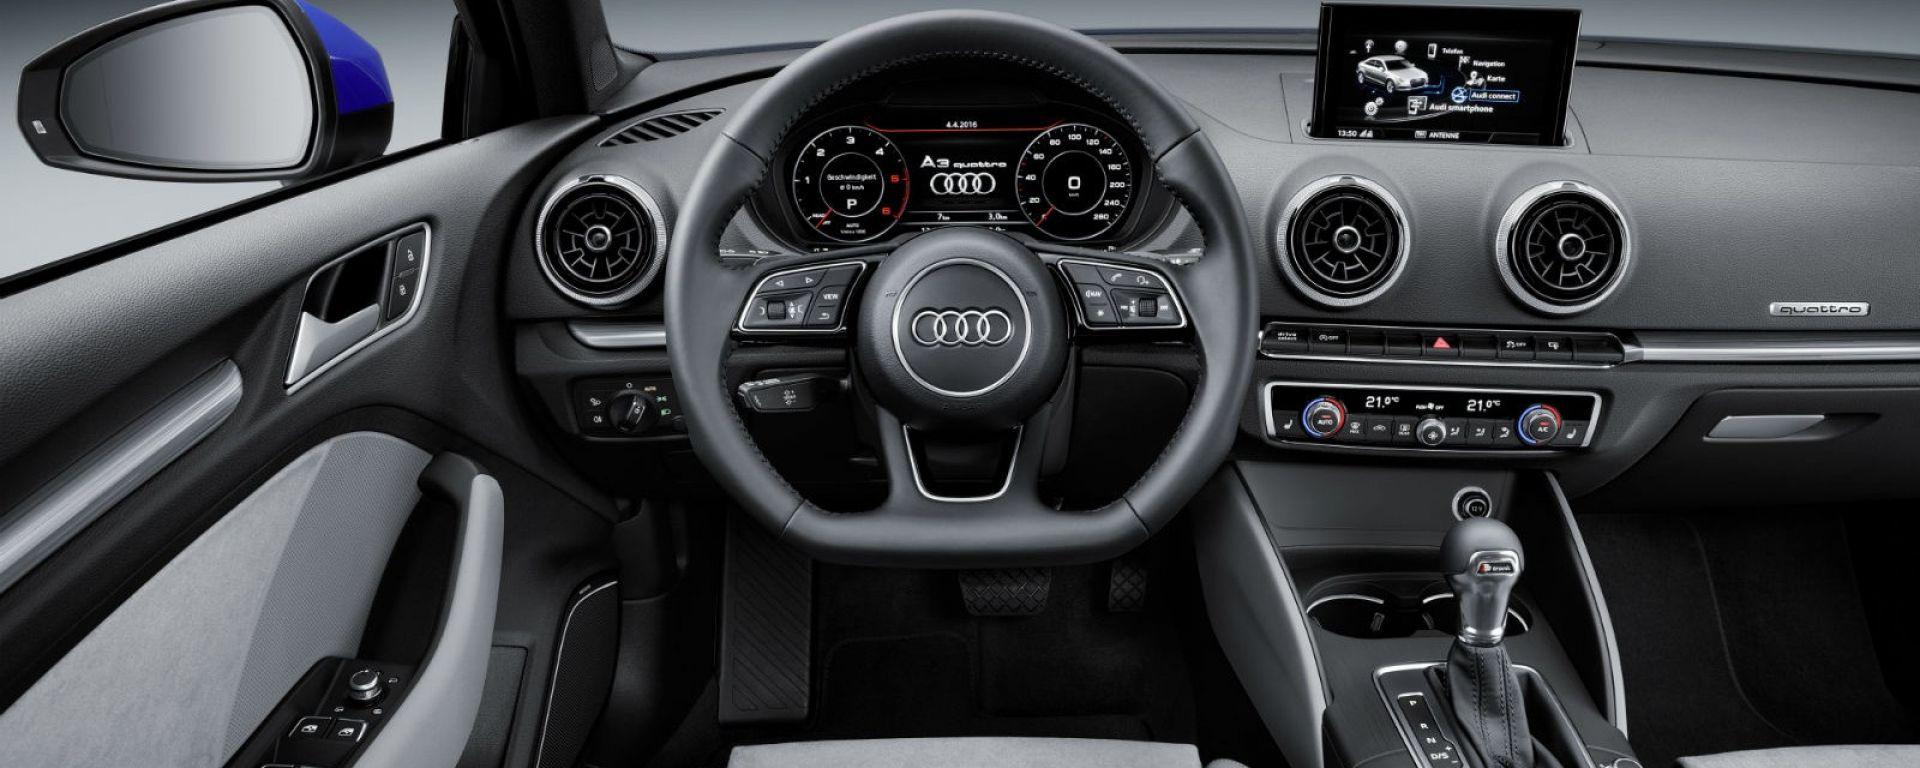 Audi: la plancia con Audi MMI